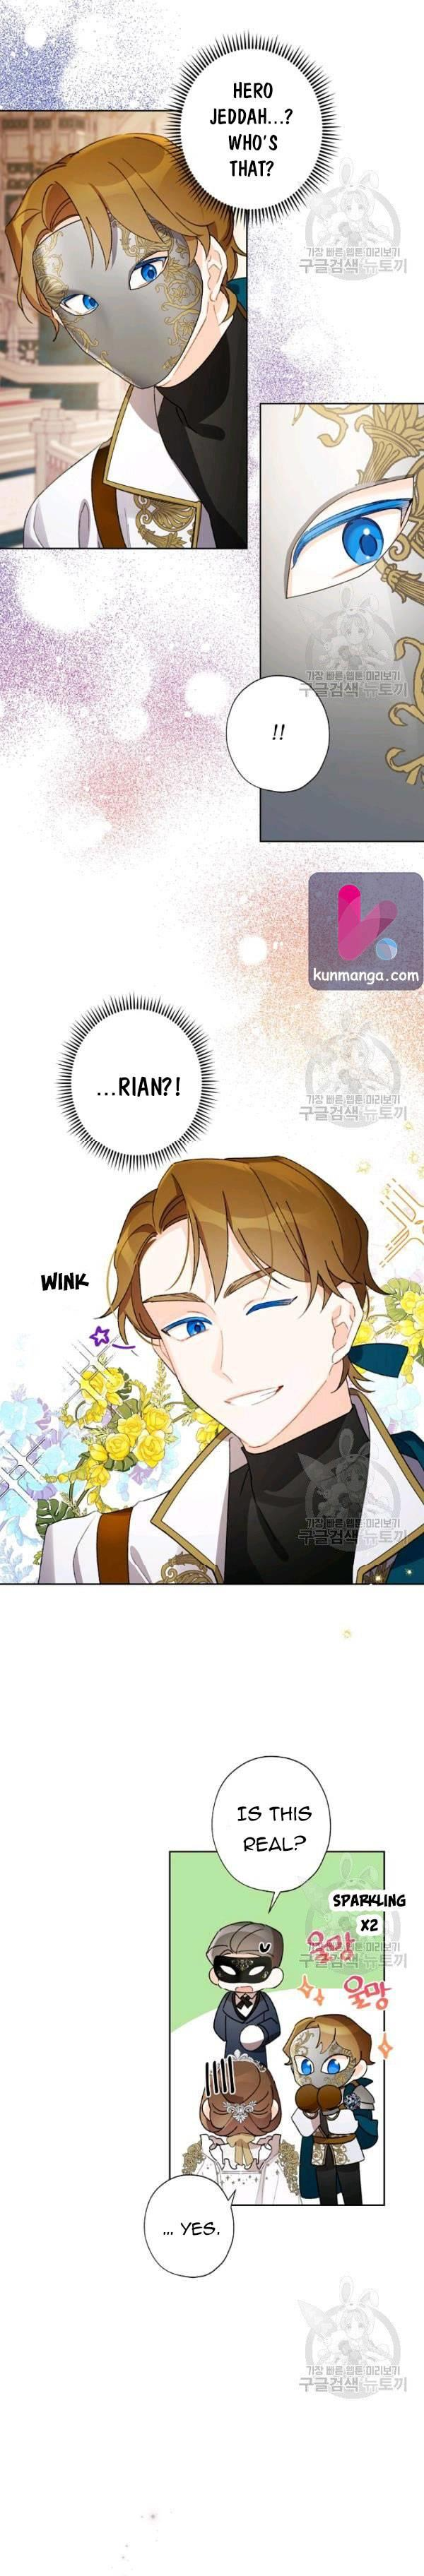 I Raised Cinderella Preciously Chapter 41.5 page 6 - Mangakakalots.com